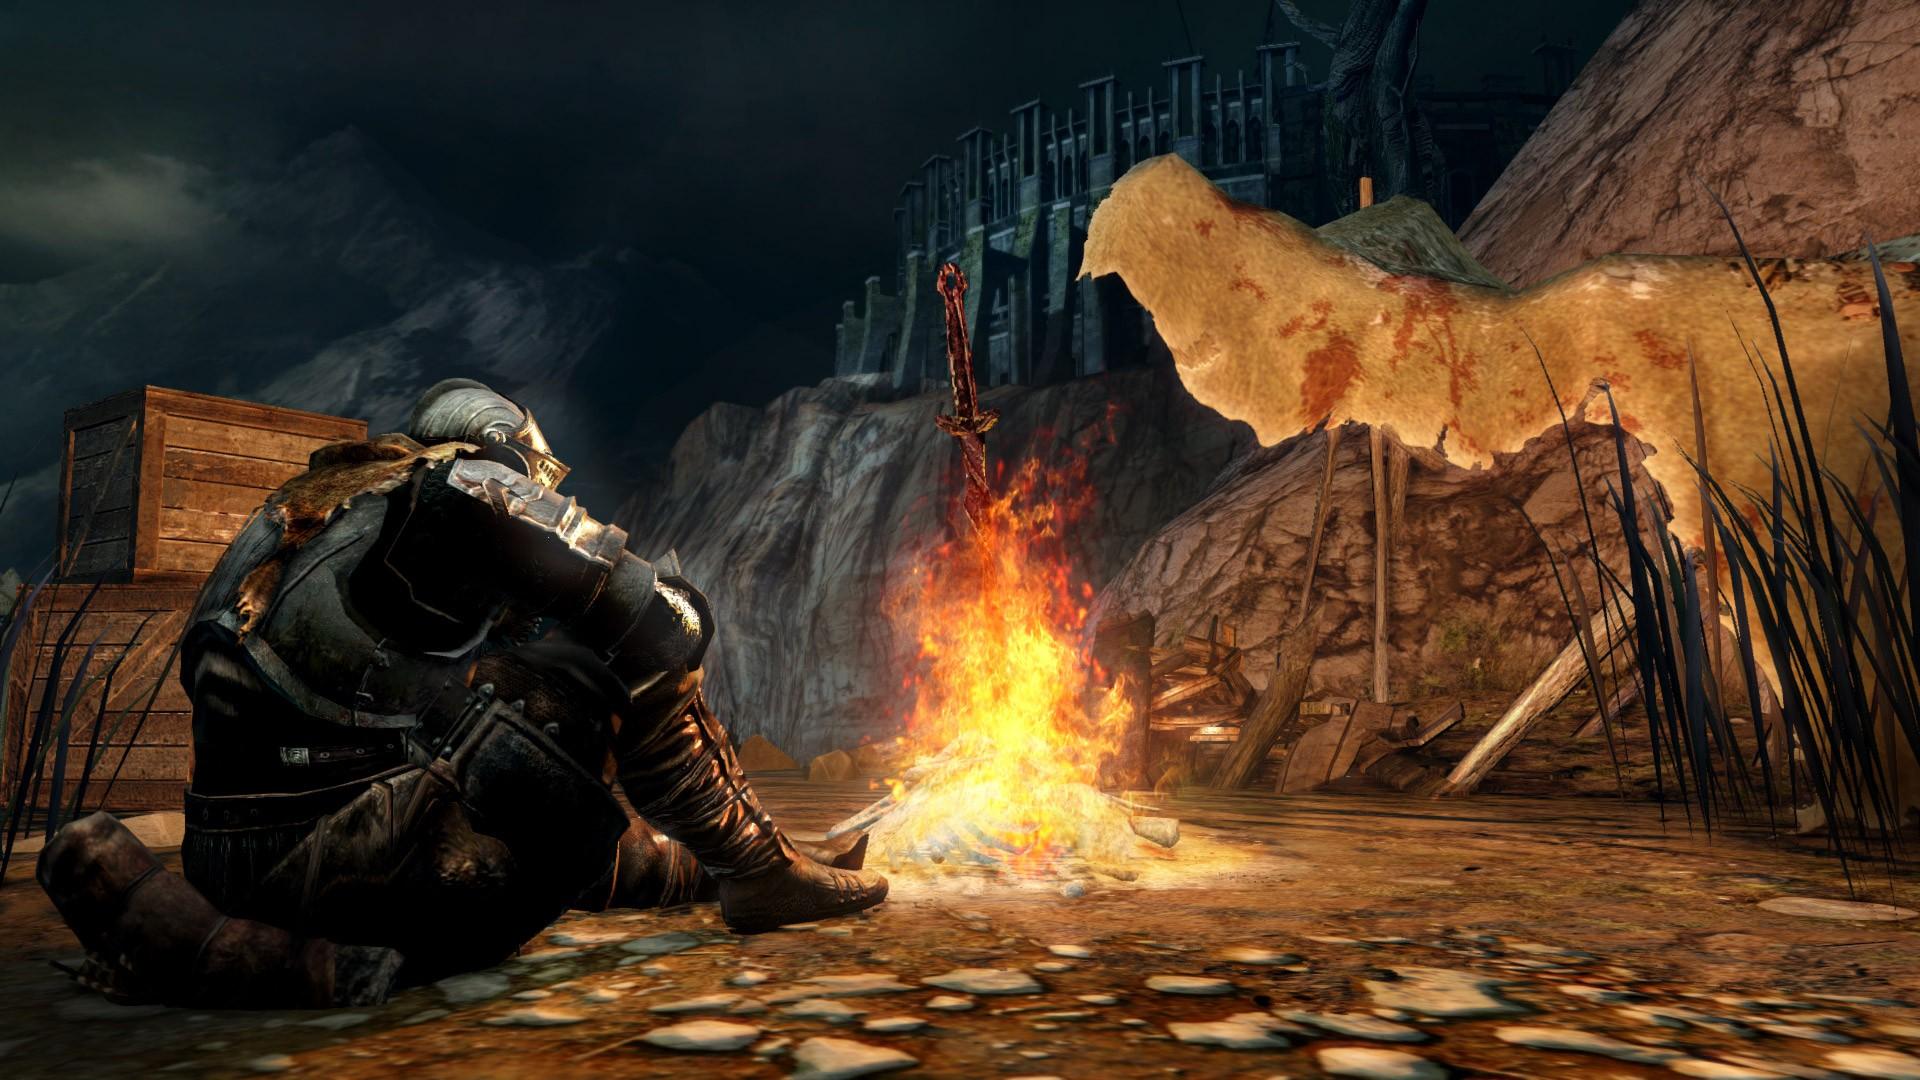 Dark Souls Bonfire Wallpaper